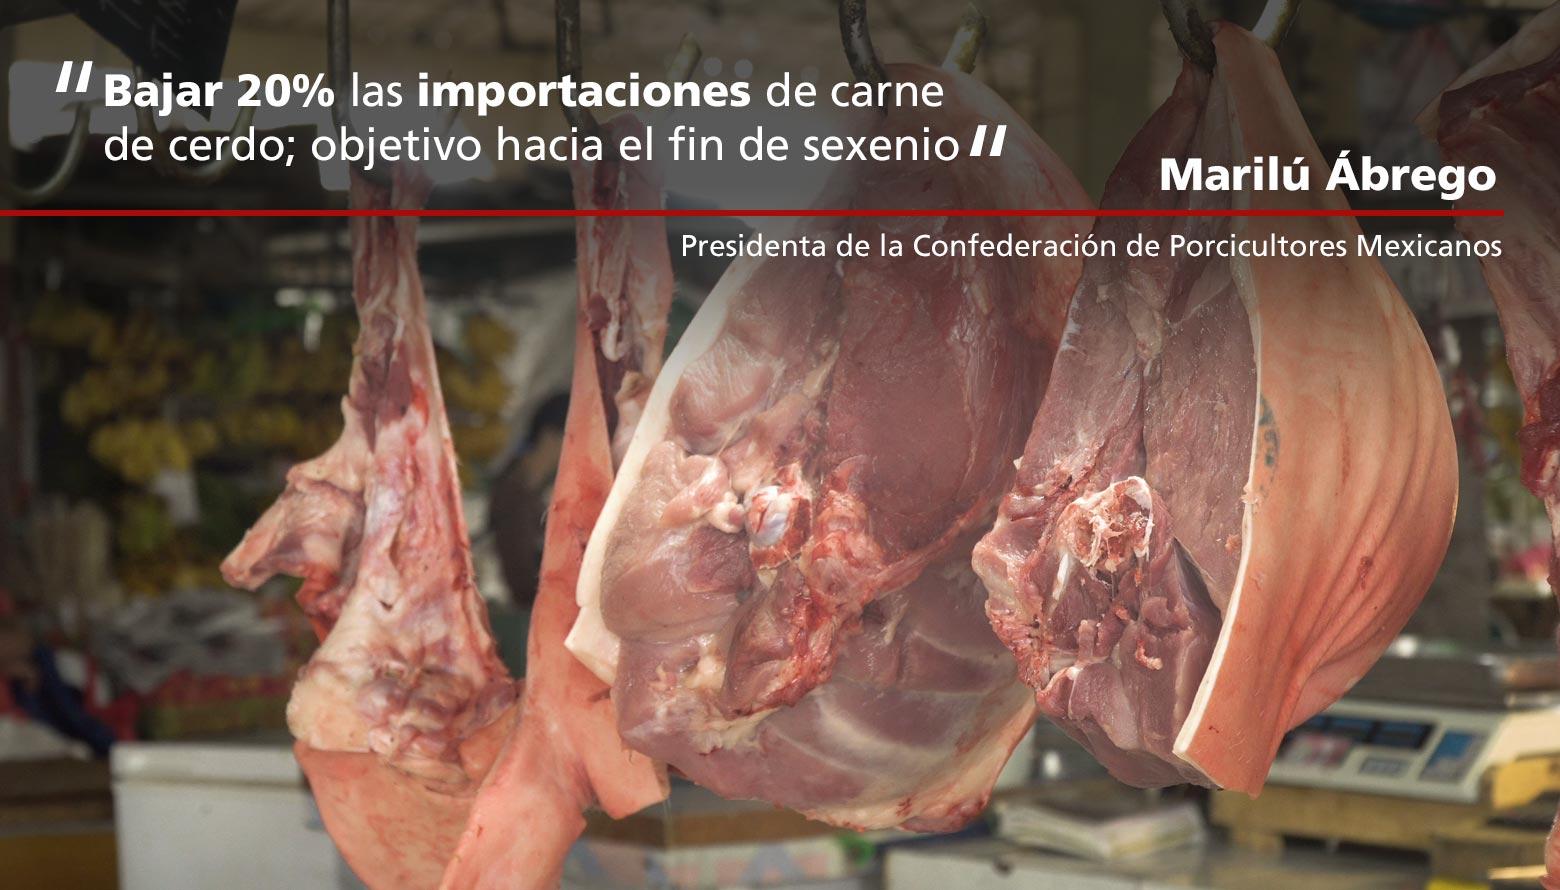 Bajar 20% las importaciones de carne de cerdo; objetivo hacia el fin de sexenio